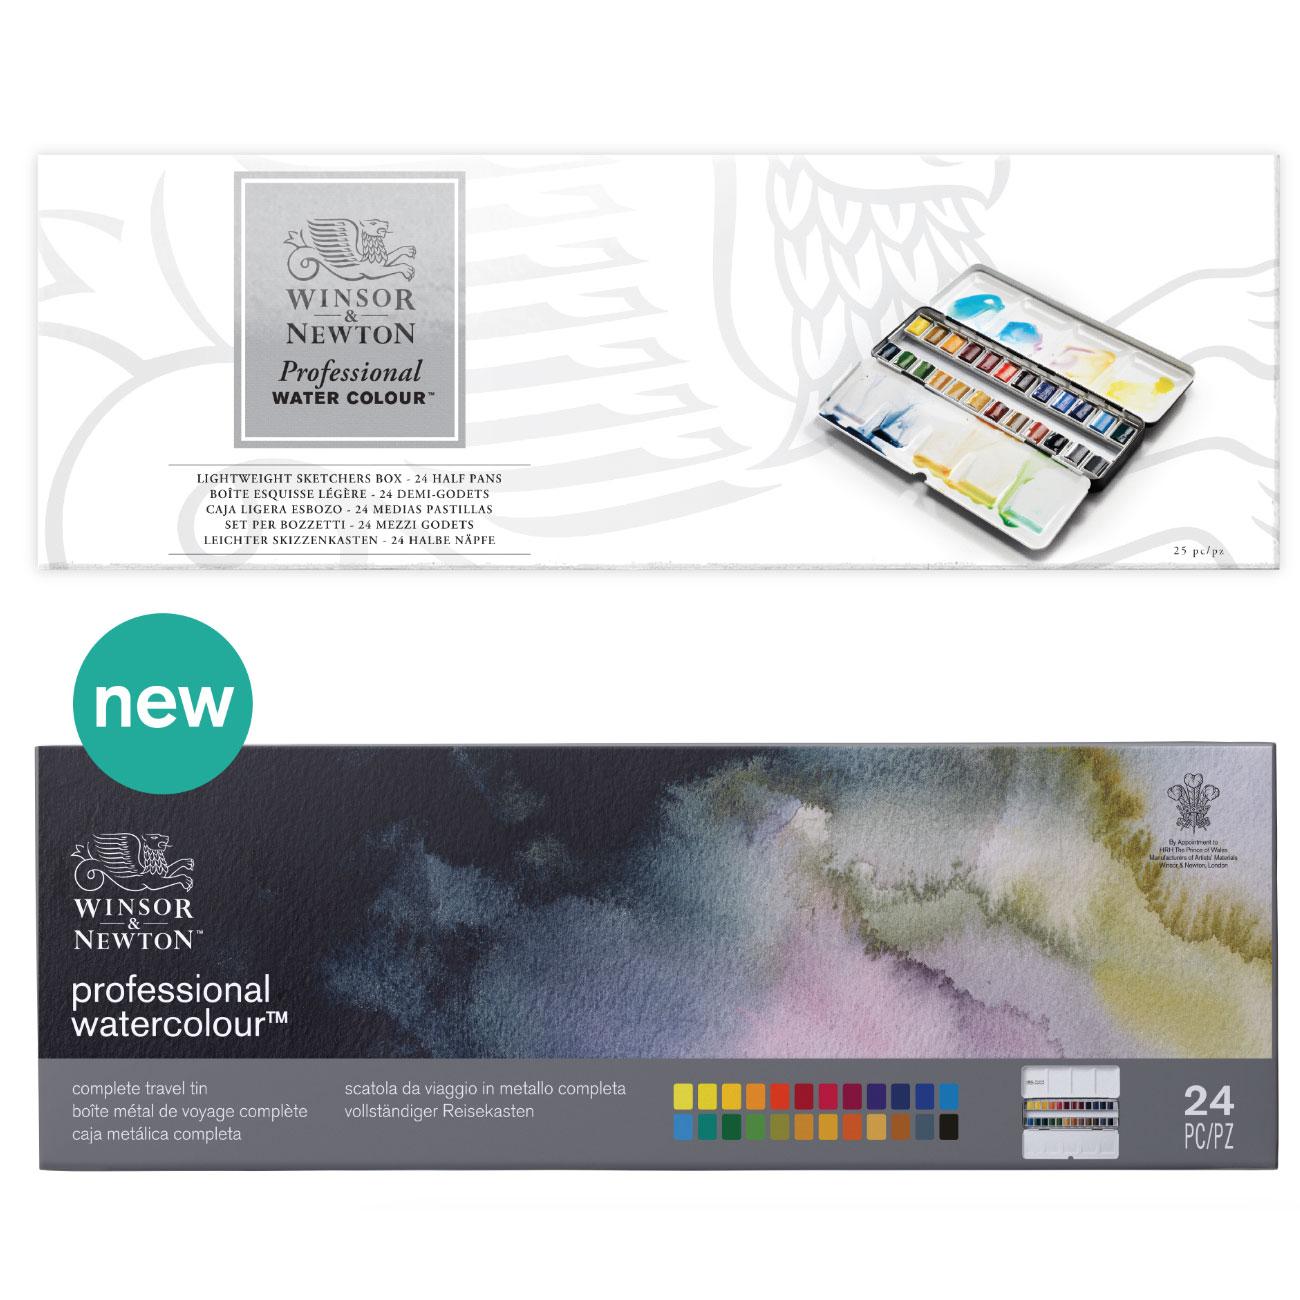 Winsor&Newton アーチスト水彩絵具 プロフェッショナルウォーターカラー 24色セット ハーフパン ライトウェイト メタルボックス キャッシュレス 5%還元対象